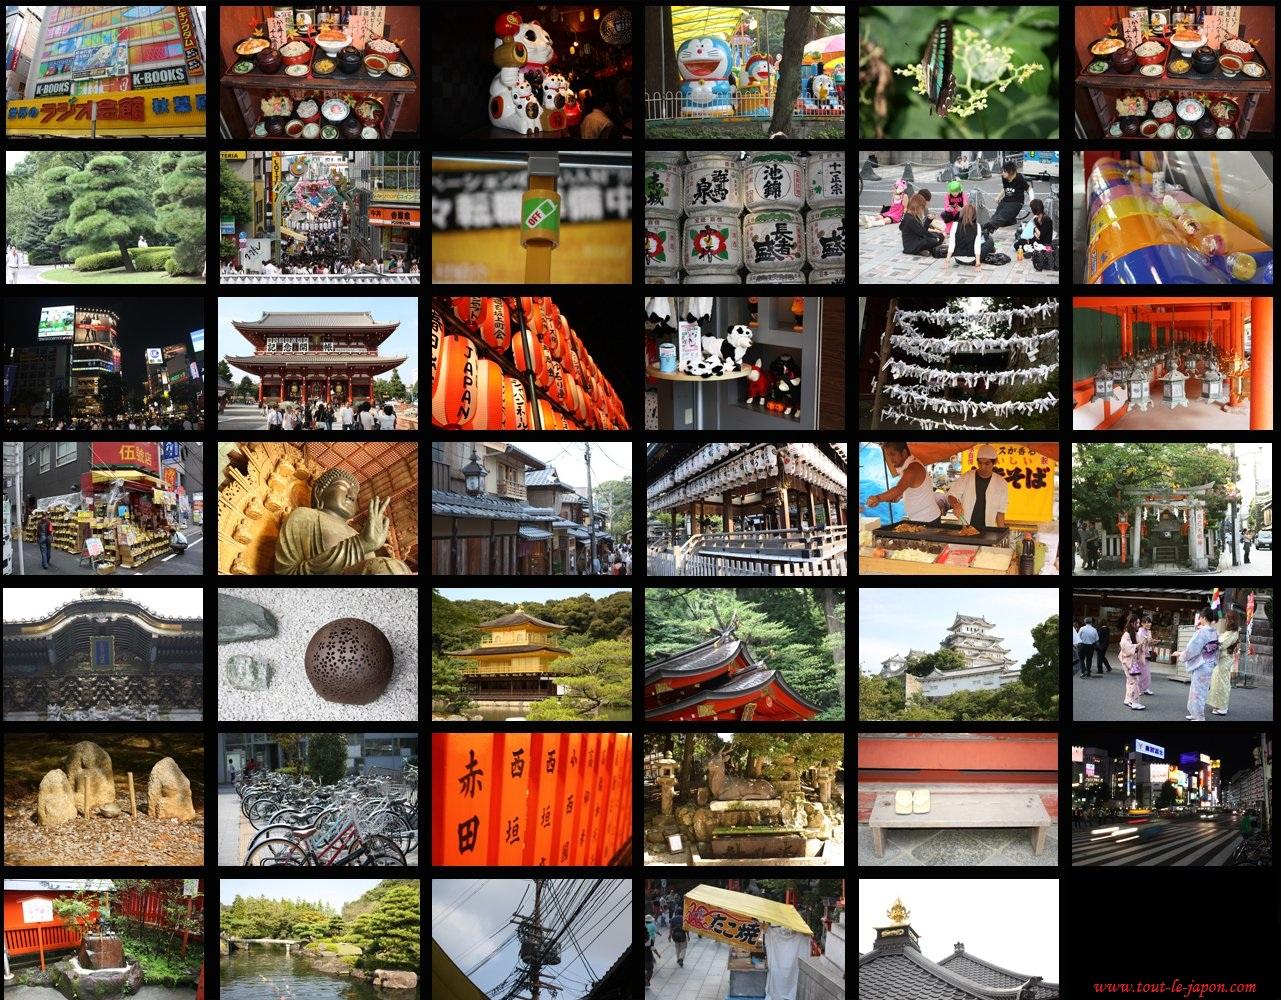 Un voyage au Japon, un moment inoubliable